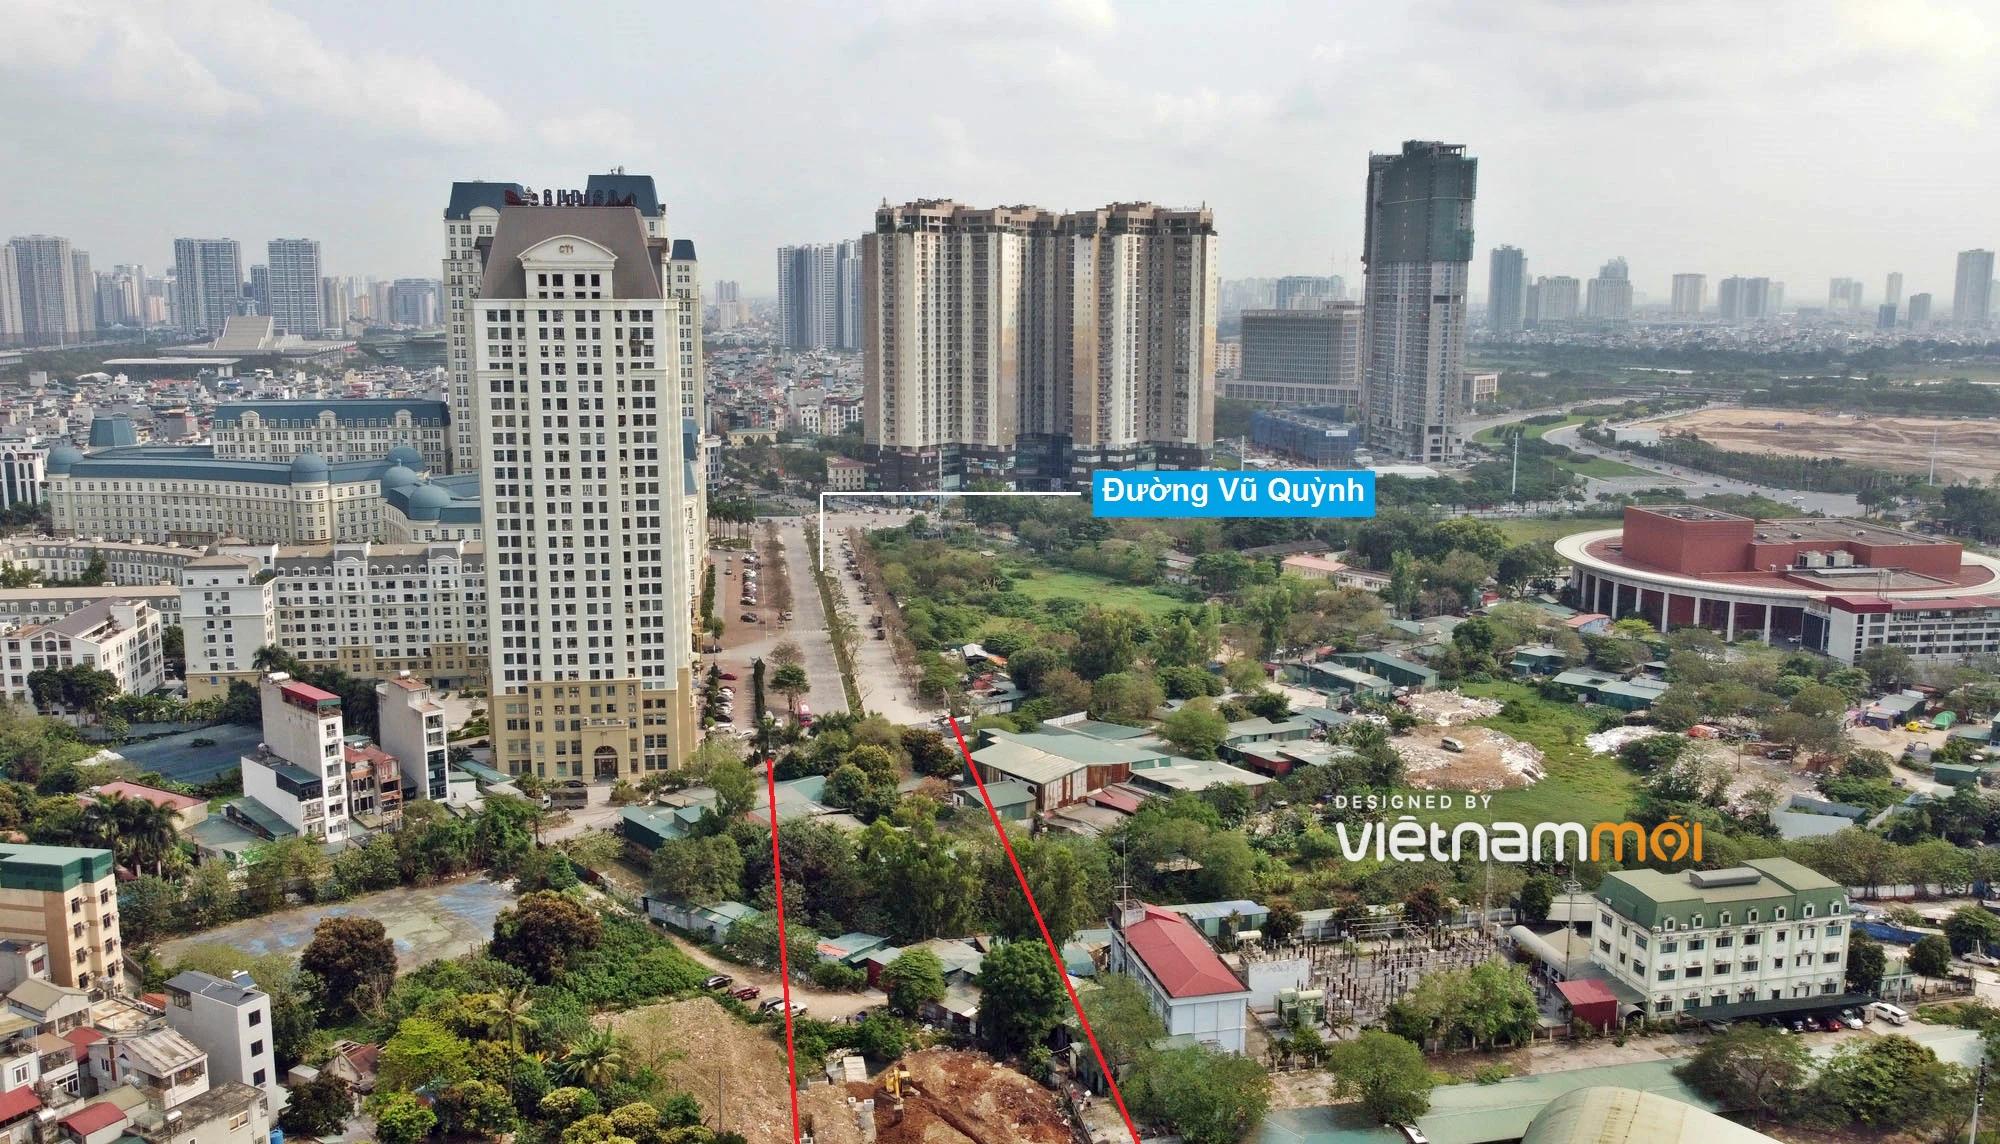 Toàn cảnh đường từ Vũ Quỳnh đến Lê Đức Thọ - Phạm Hùng đang mở theo quy hoạch ở Hà Nội - Ảnh 1.